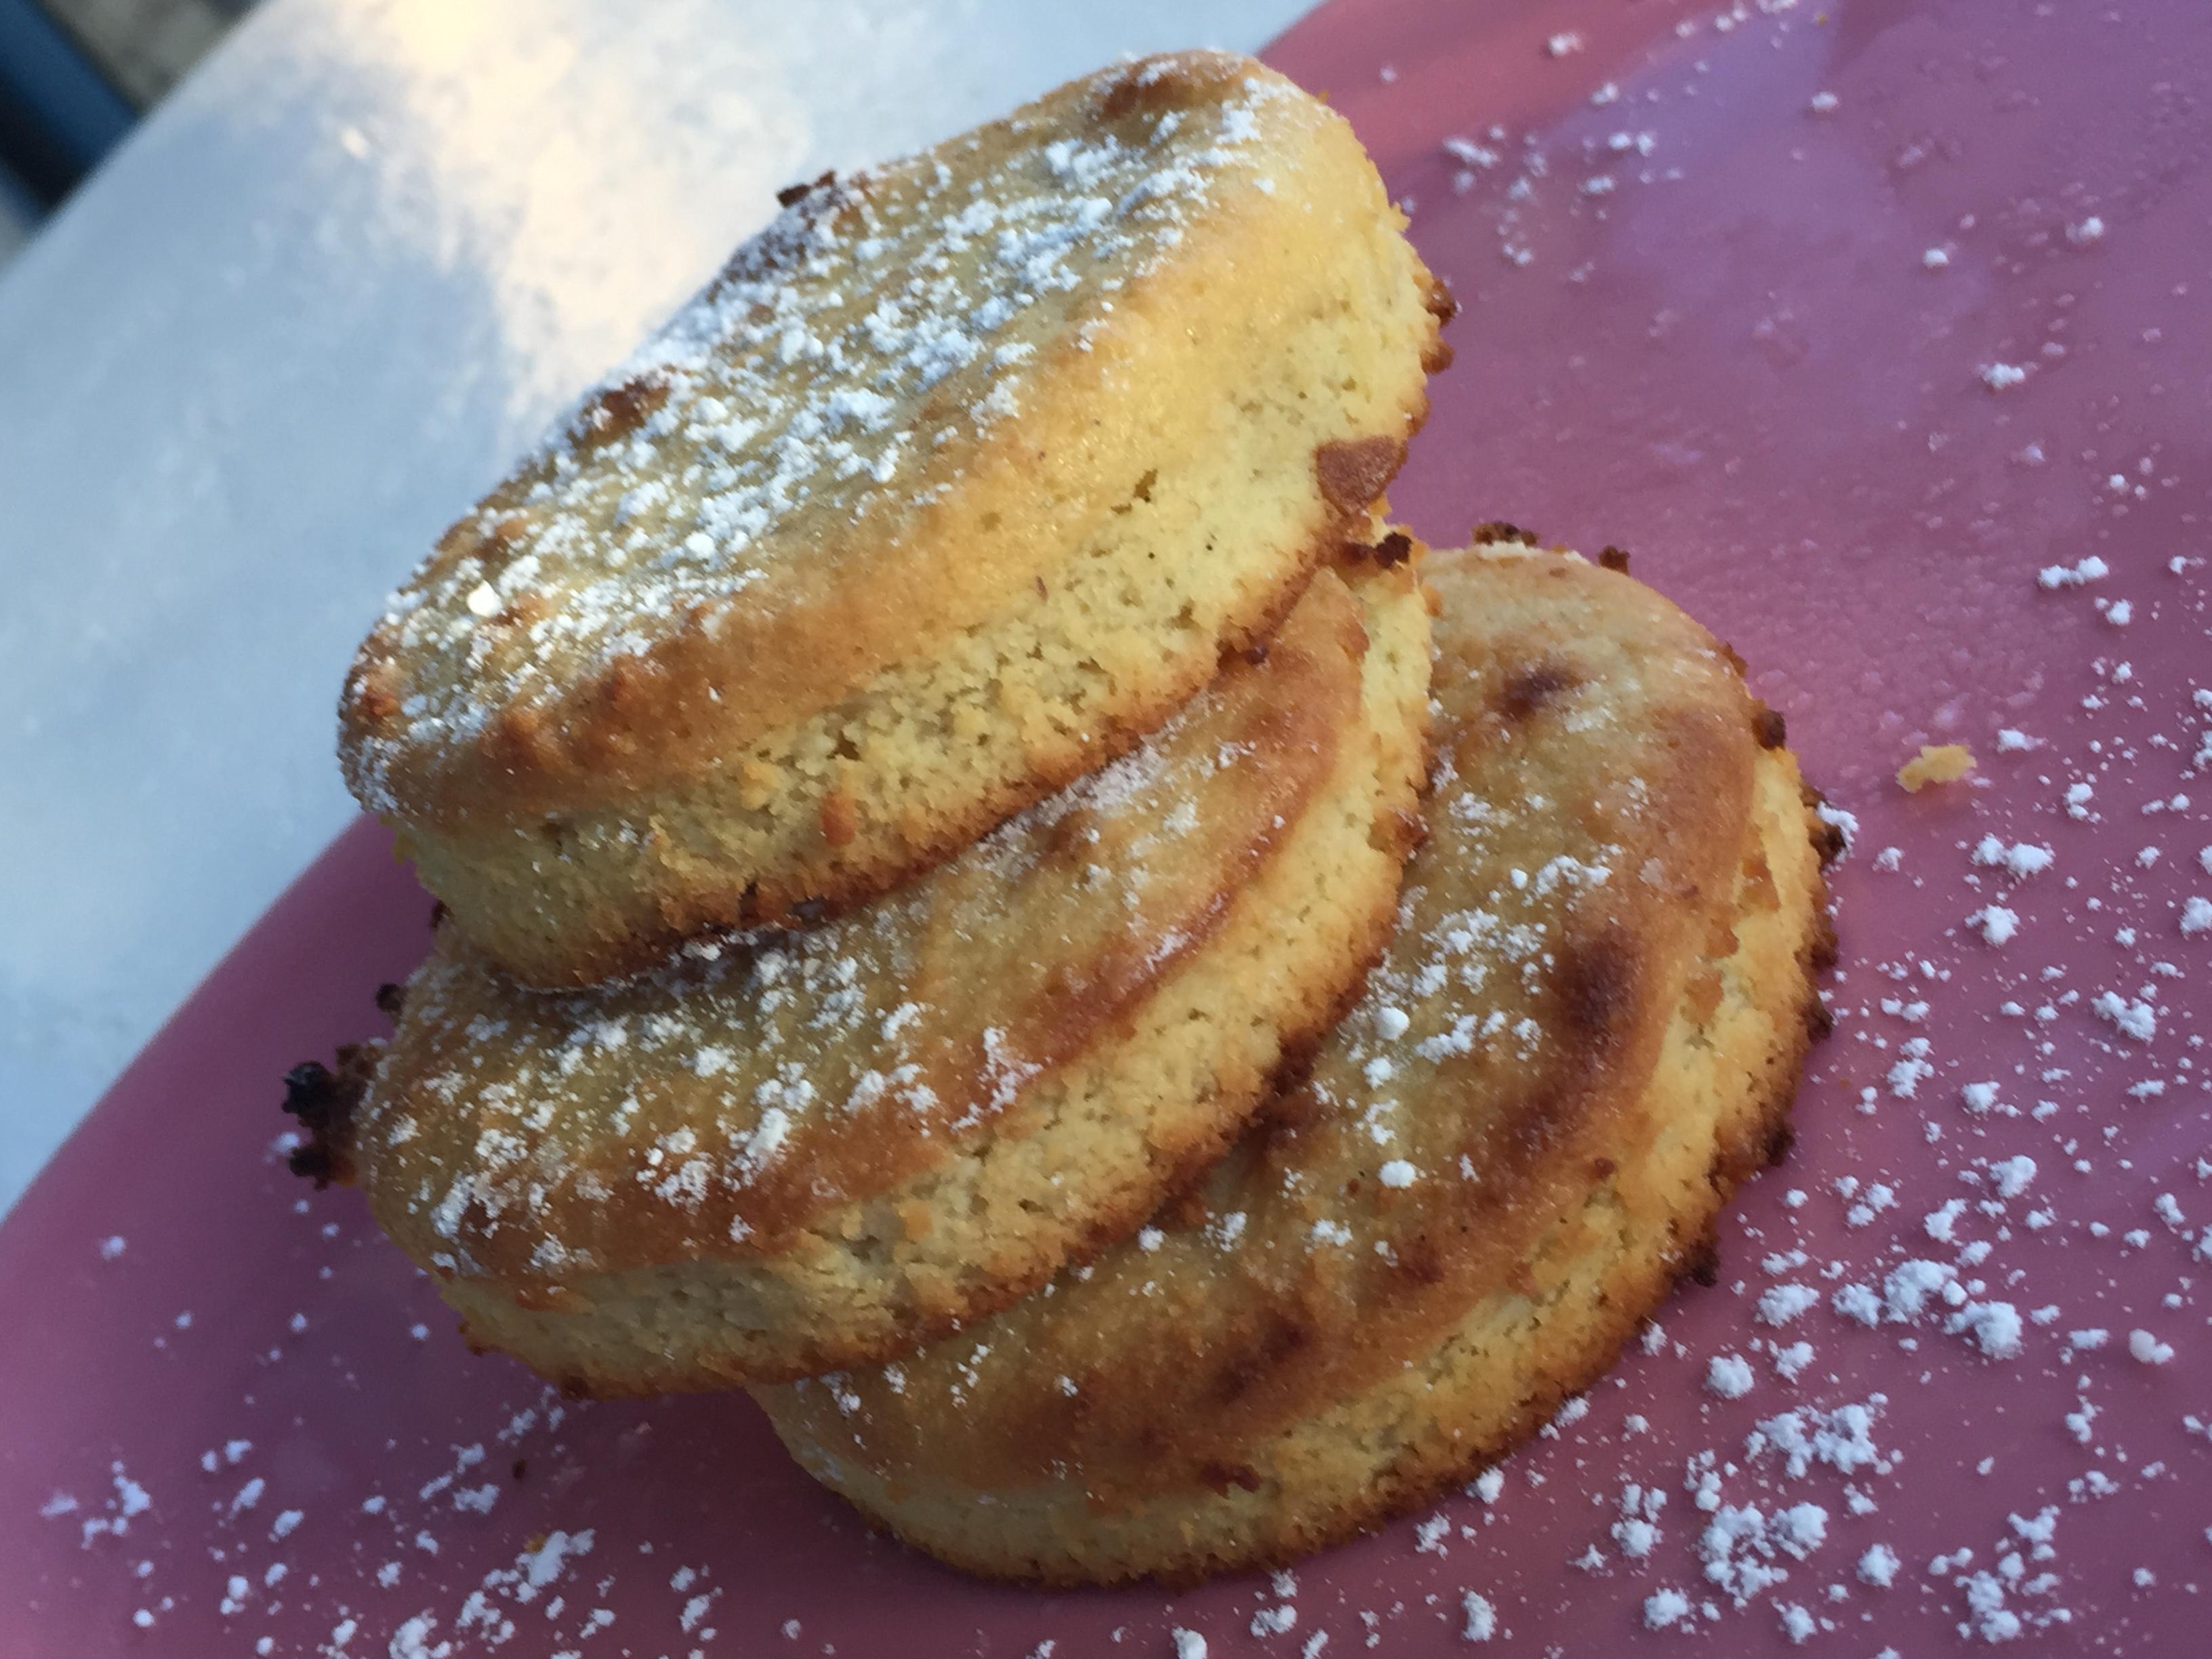 Petits gâteaux caramélisés, à l'amande selon une recette de Philippe Conticini